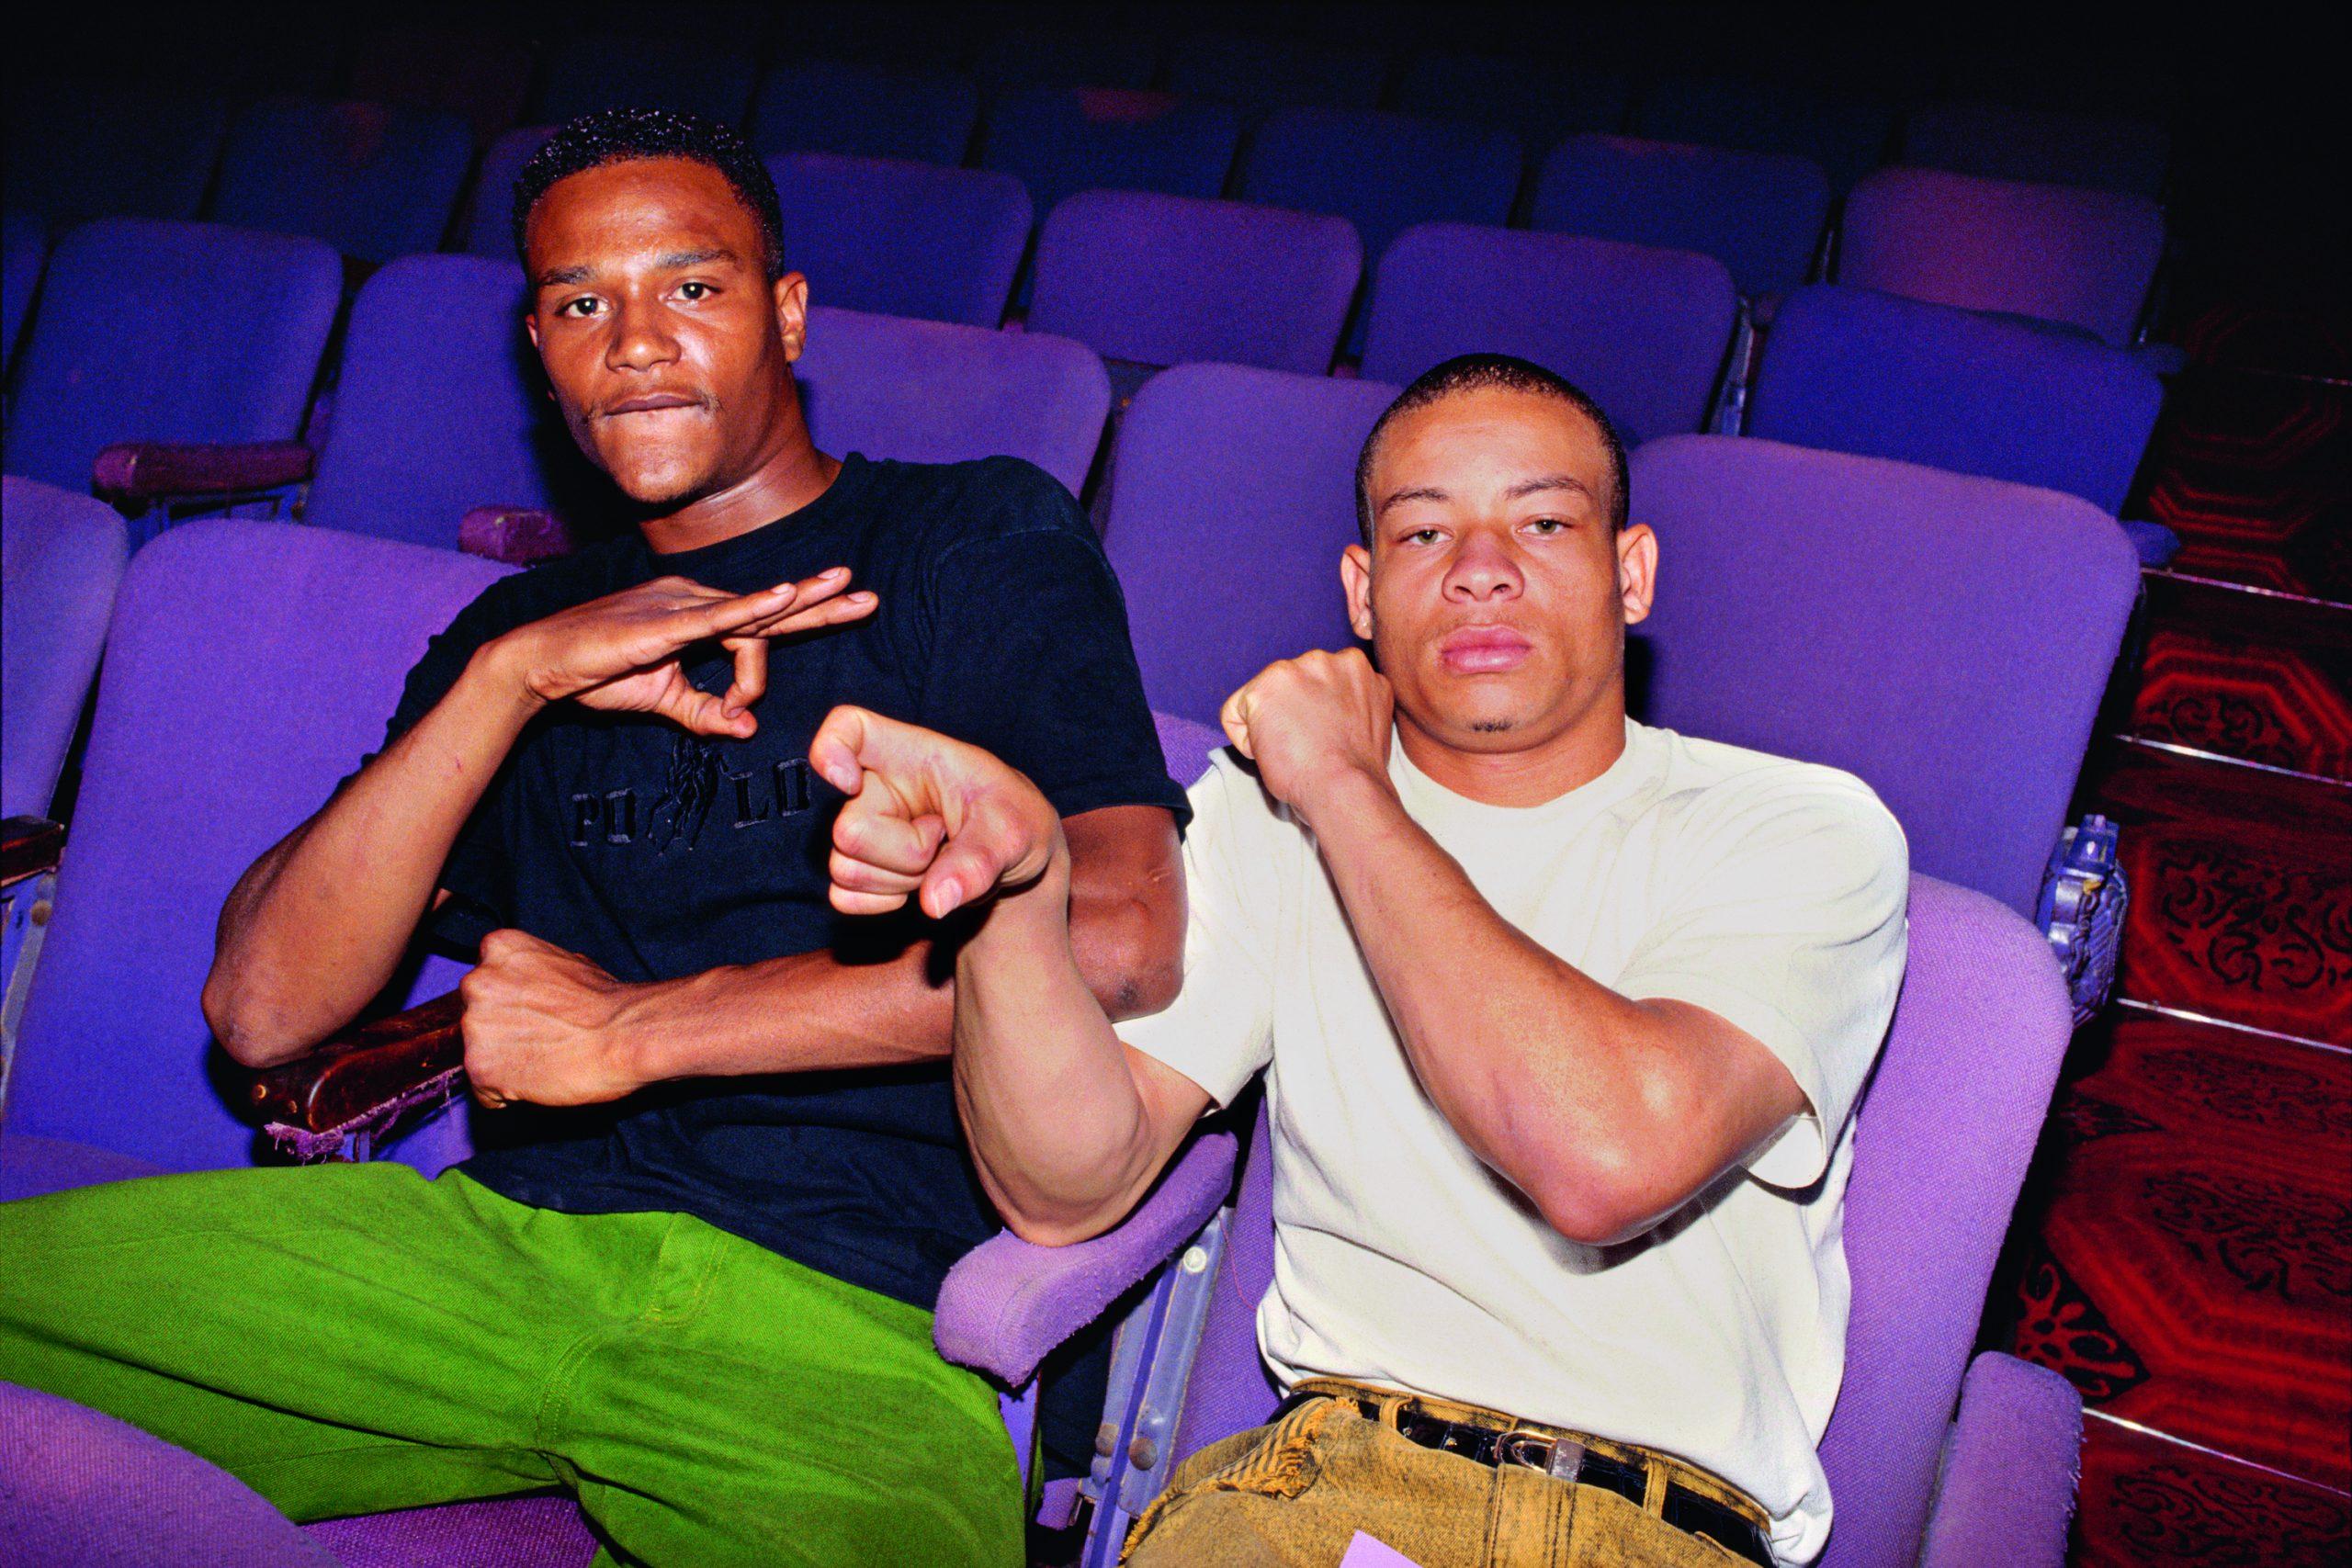 Deux membres de gangs posent côte à côte